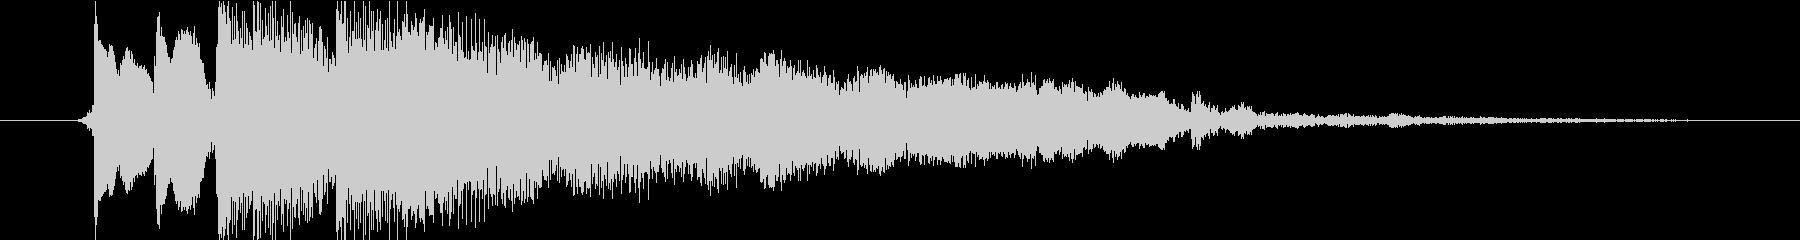 クラシックな楽器をフィーチャーした...の未再生の波形